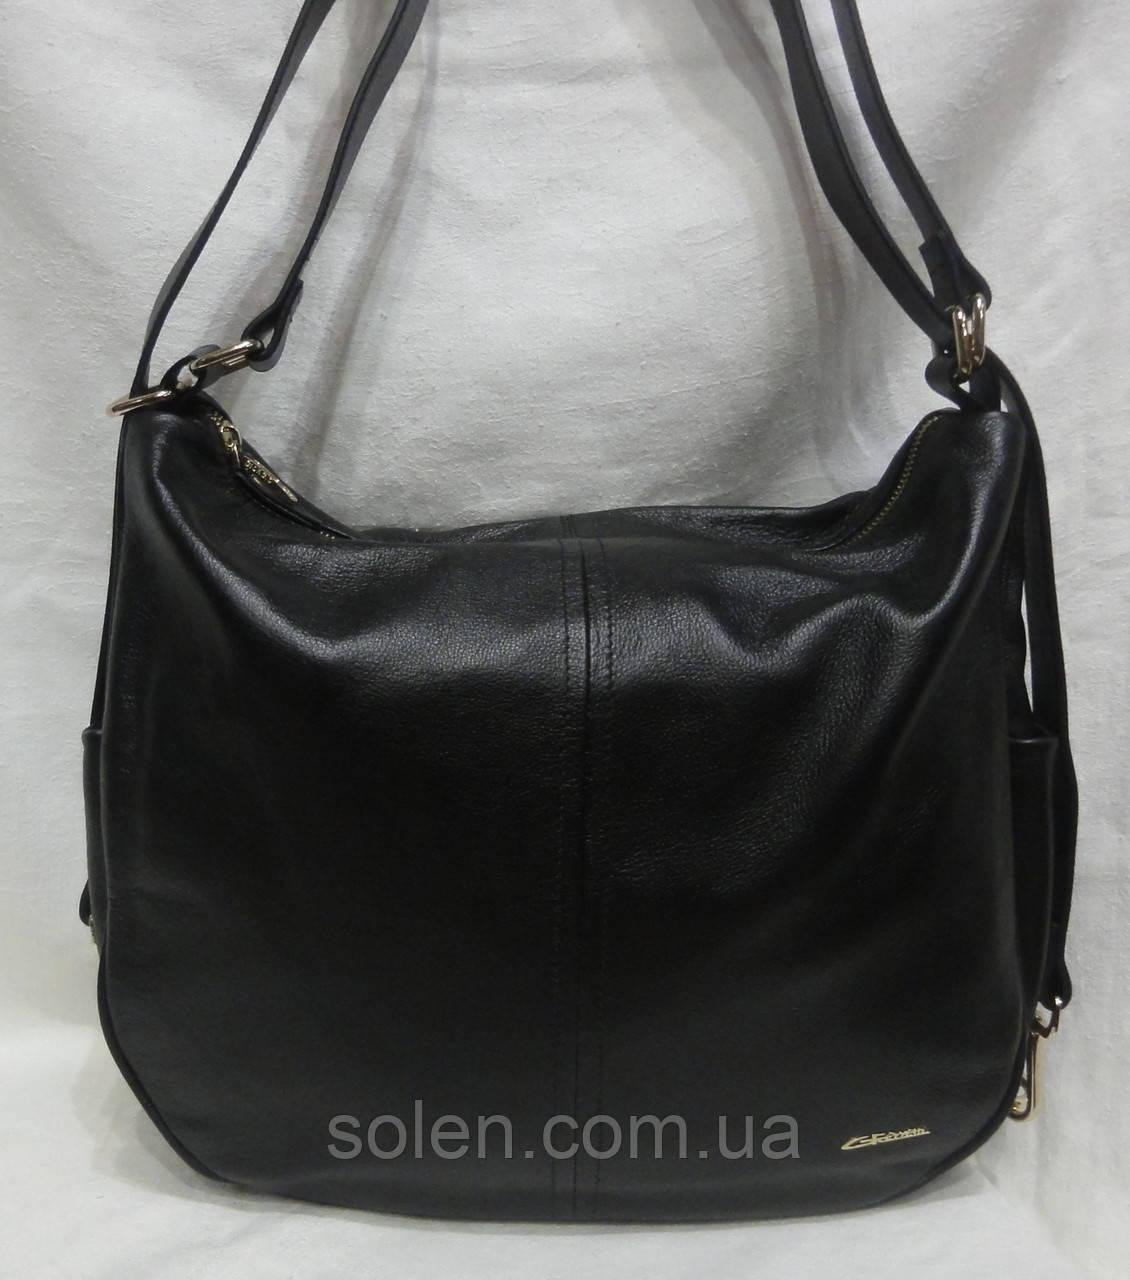 Стильная женская сумка из натуральной кожи.Сумка -Мешок из натуральной кожи.  - Интернет acfb1f25248